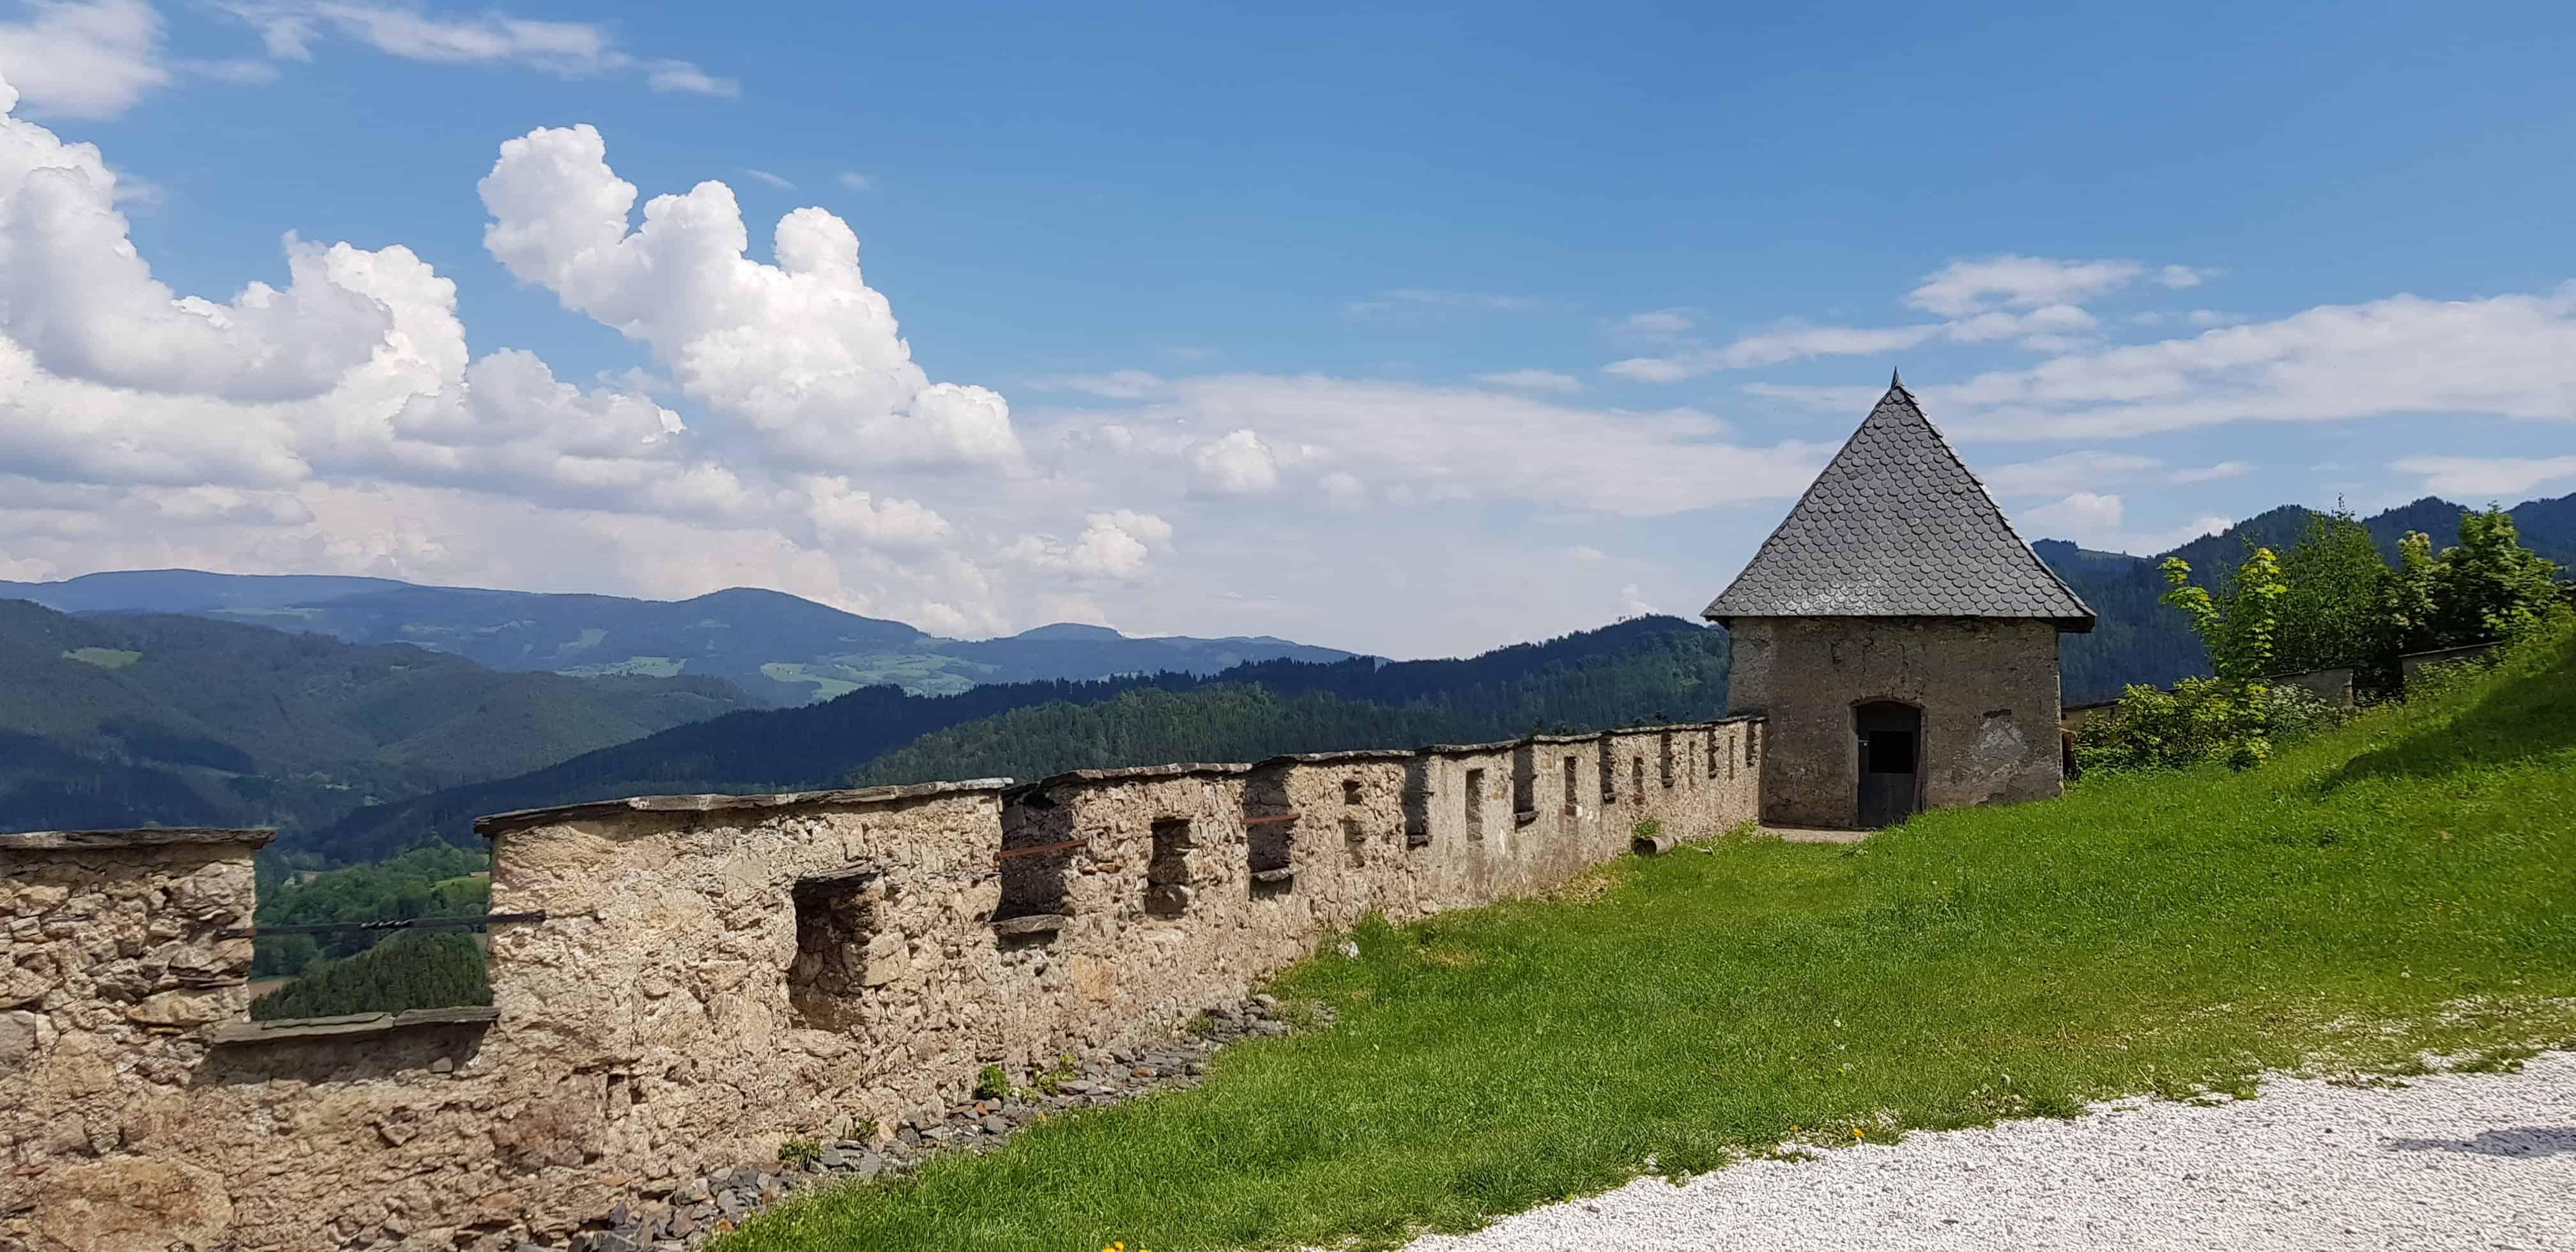 Burgmauern und Wehranlagen bei Wanderung beim Ausflug zur Sehenswürdigkeit Burg Hochosterwitz in Kärnten